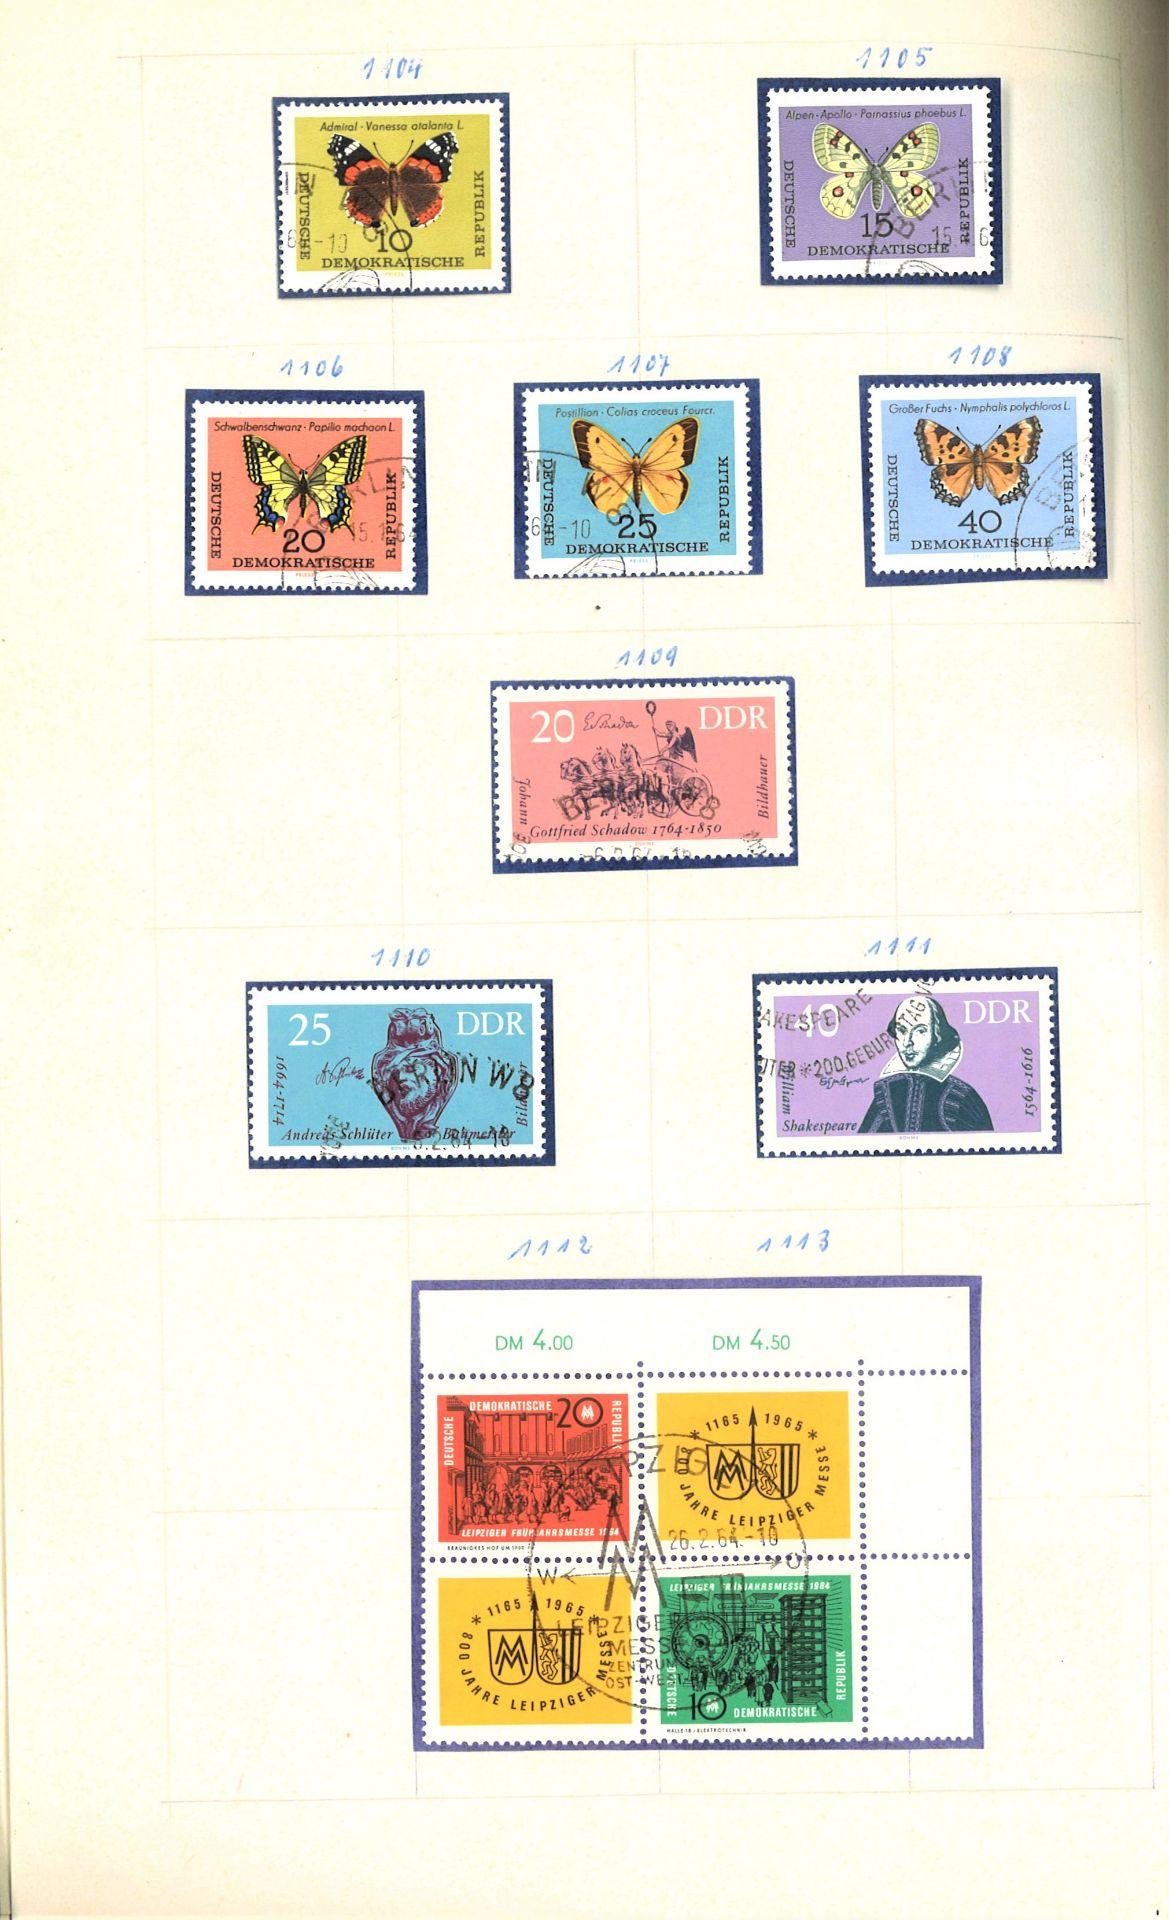 DDR Teilsammlung, gestempelt ab Anfänge bis 1969. - Image 8 of 8